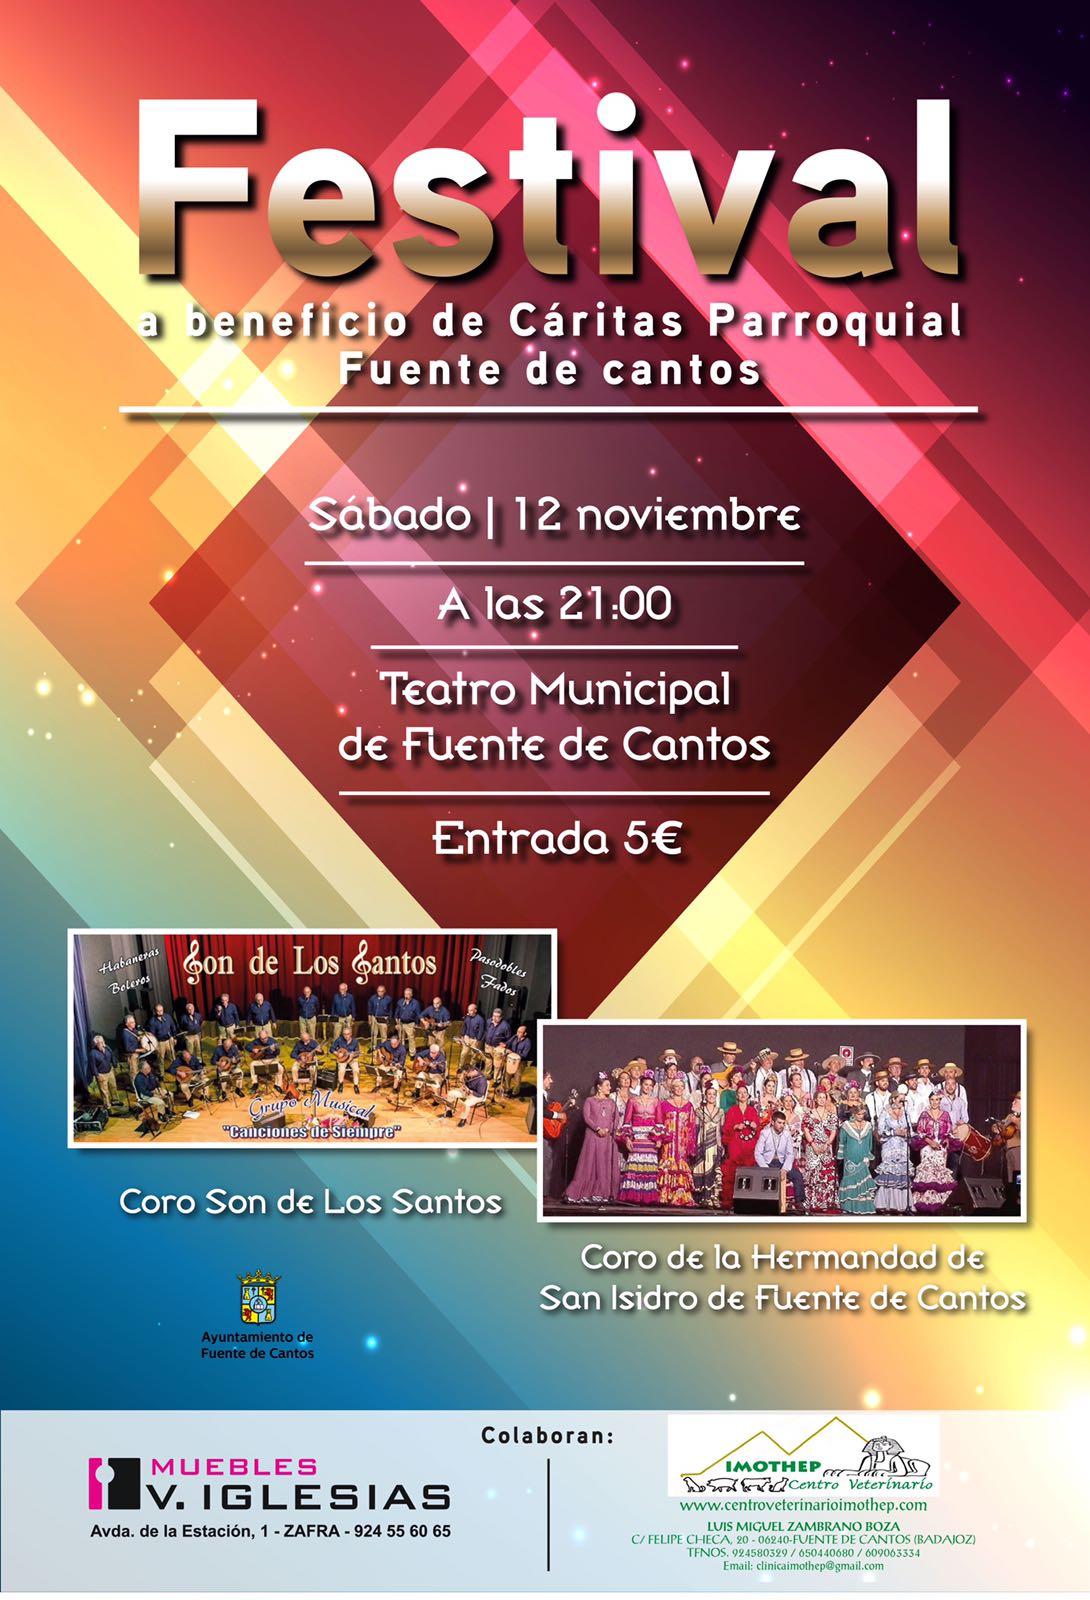 ÚLTIMAS NOTICIAS: Concierto en el Teatro de Fuente de Cantos el 12 de noviembre de 2016